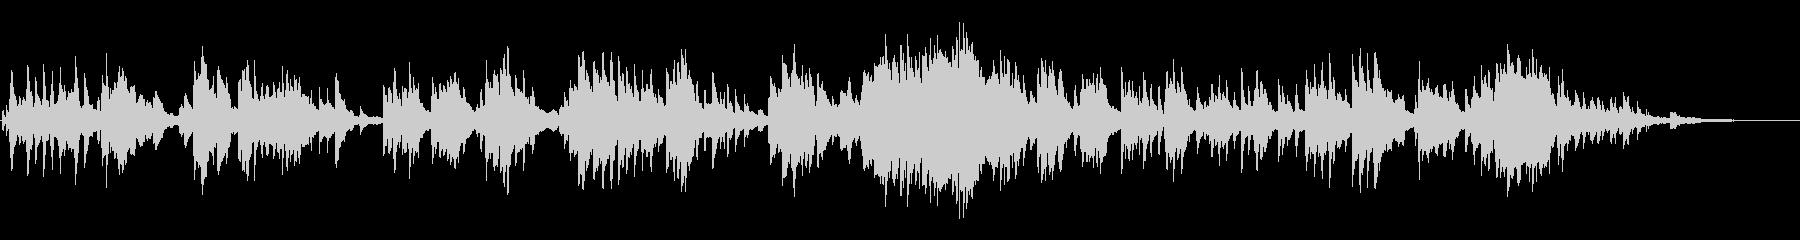 グランドピアノによる穏やかなピアノソロの未再生の波形